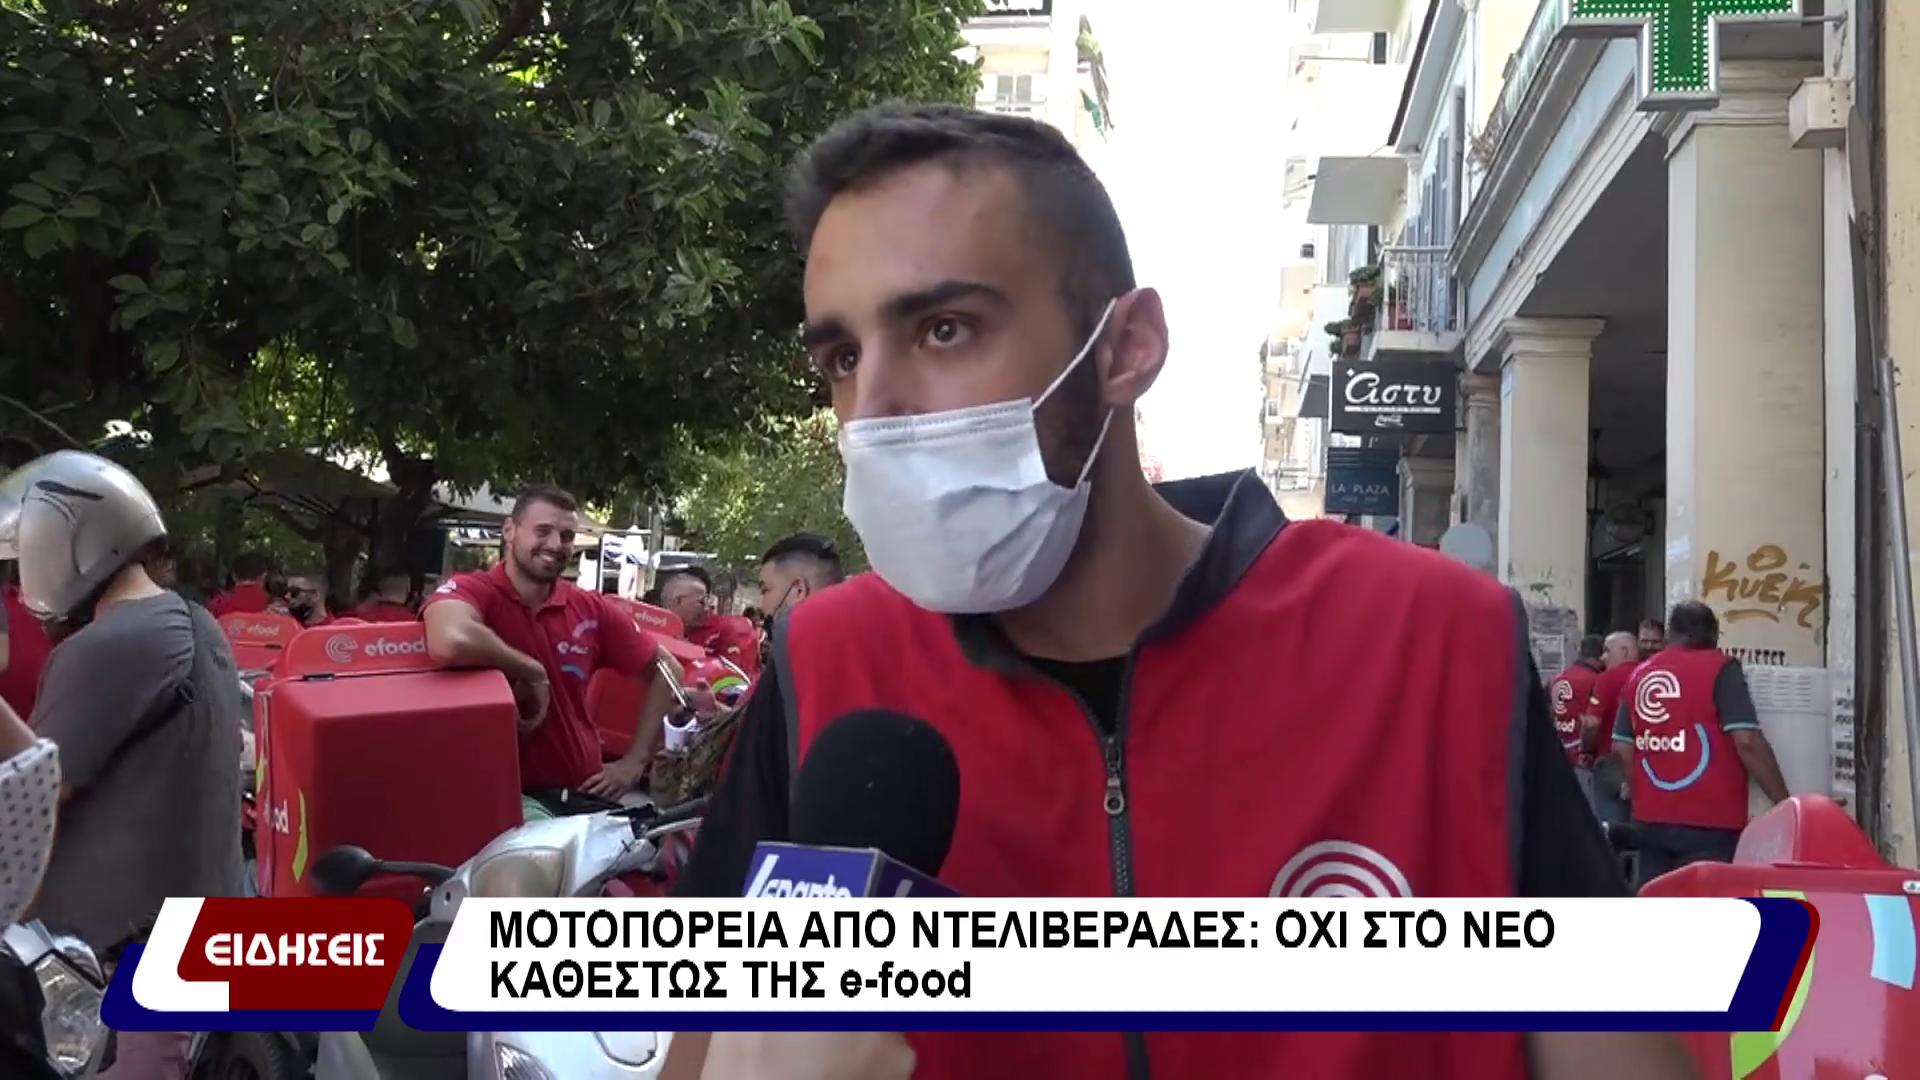 ΜΟΤΟΠΟΡΕΙΑ ΑΠΟ ΝΤΕΛΙΒΕΡΑΔΕΣ